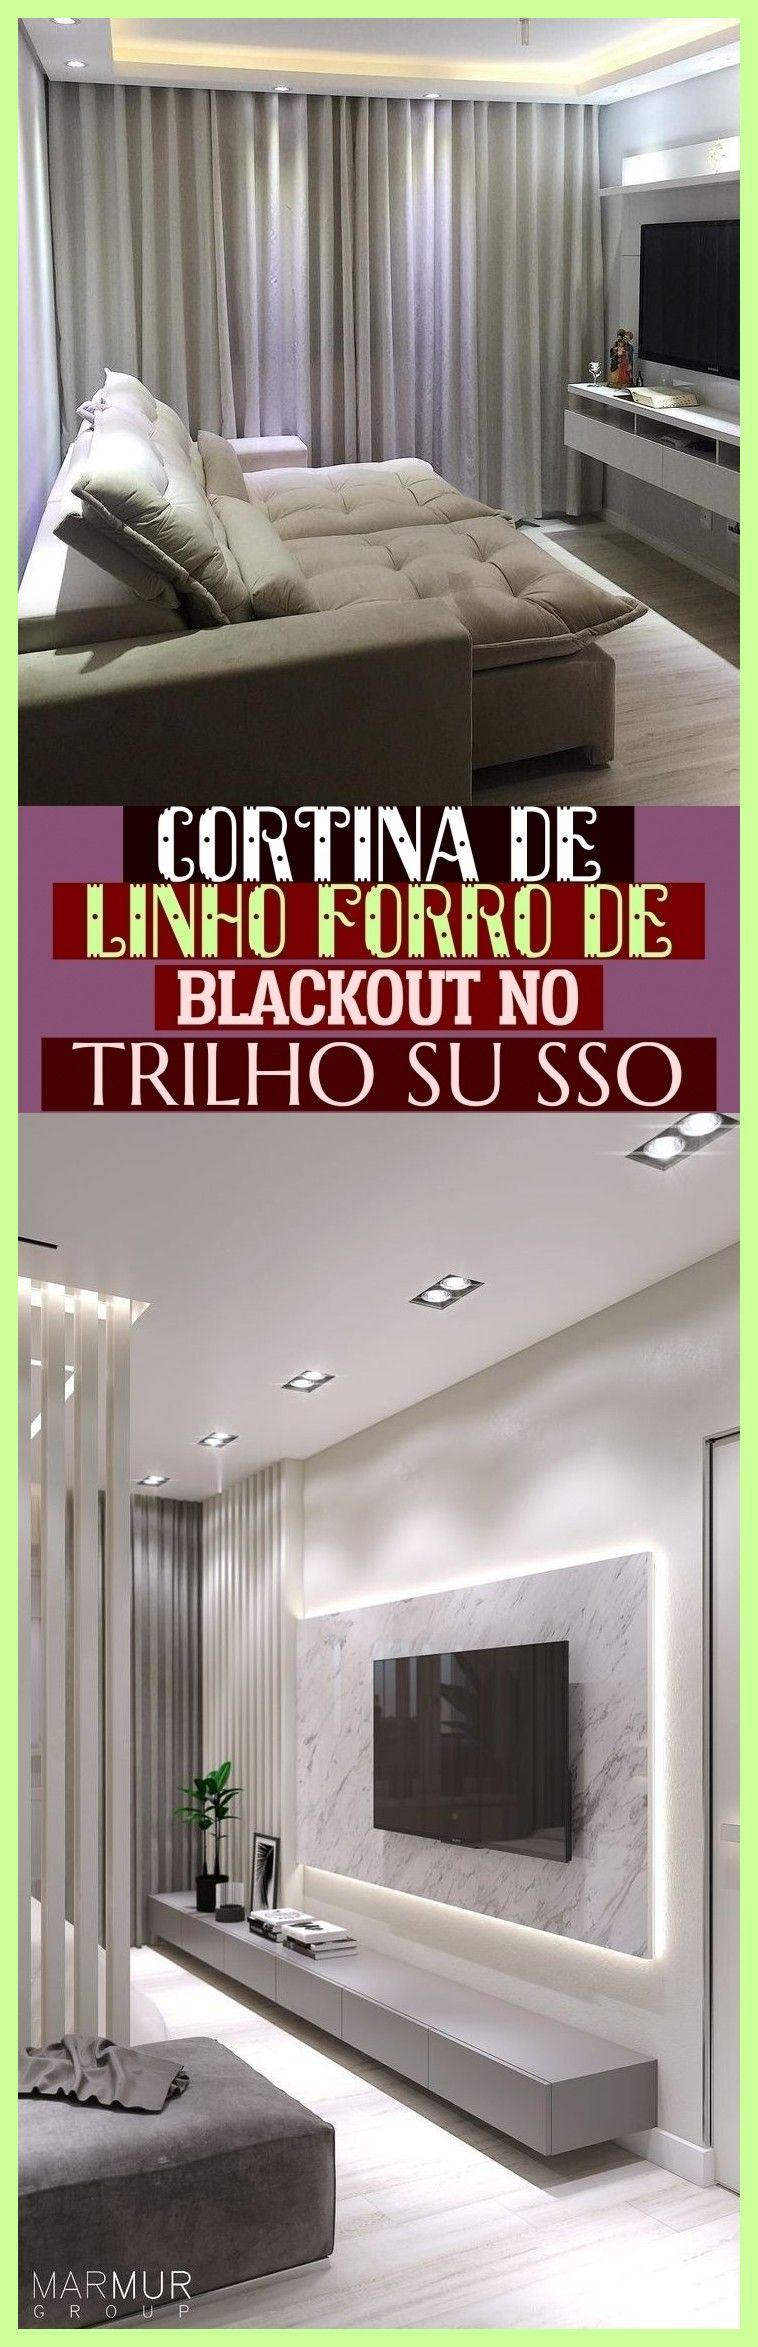 cortina de linho forro de blackout kein trilho su sso - Cortina De Linho Forro De Blackout No Trilho Su Sso